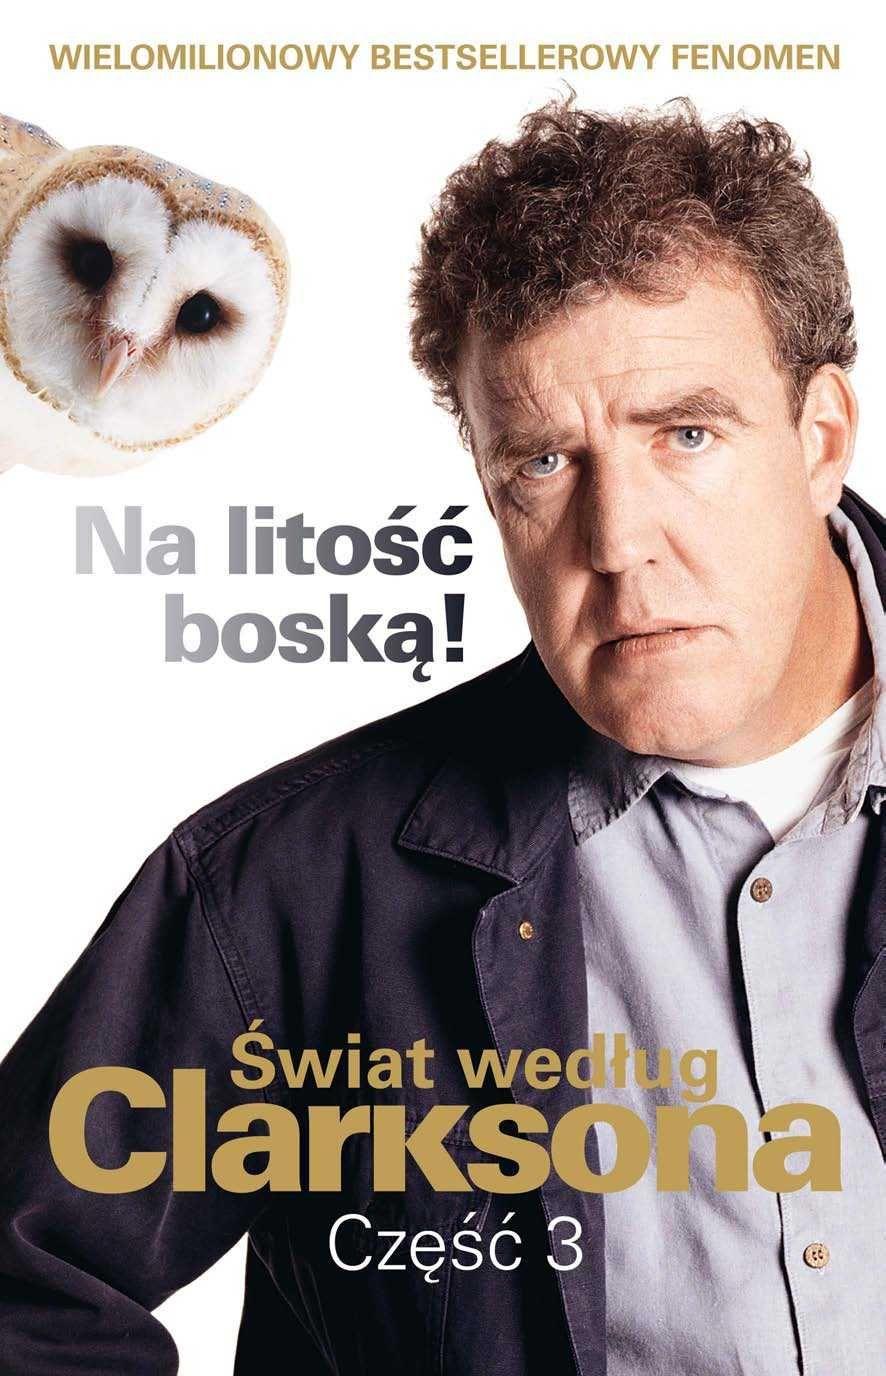 Świat według Clarksona, część 3: Na litość boską! - Ebook (Książka na Kindle) do pobrania w formacie MOBI